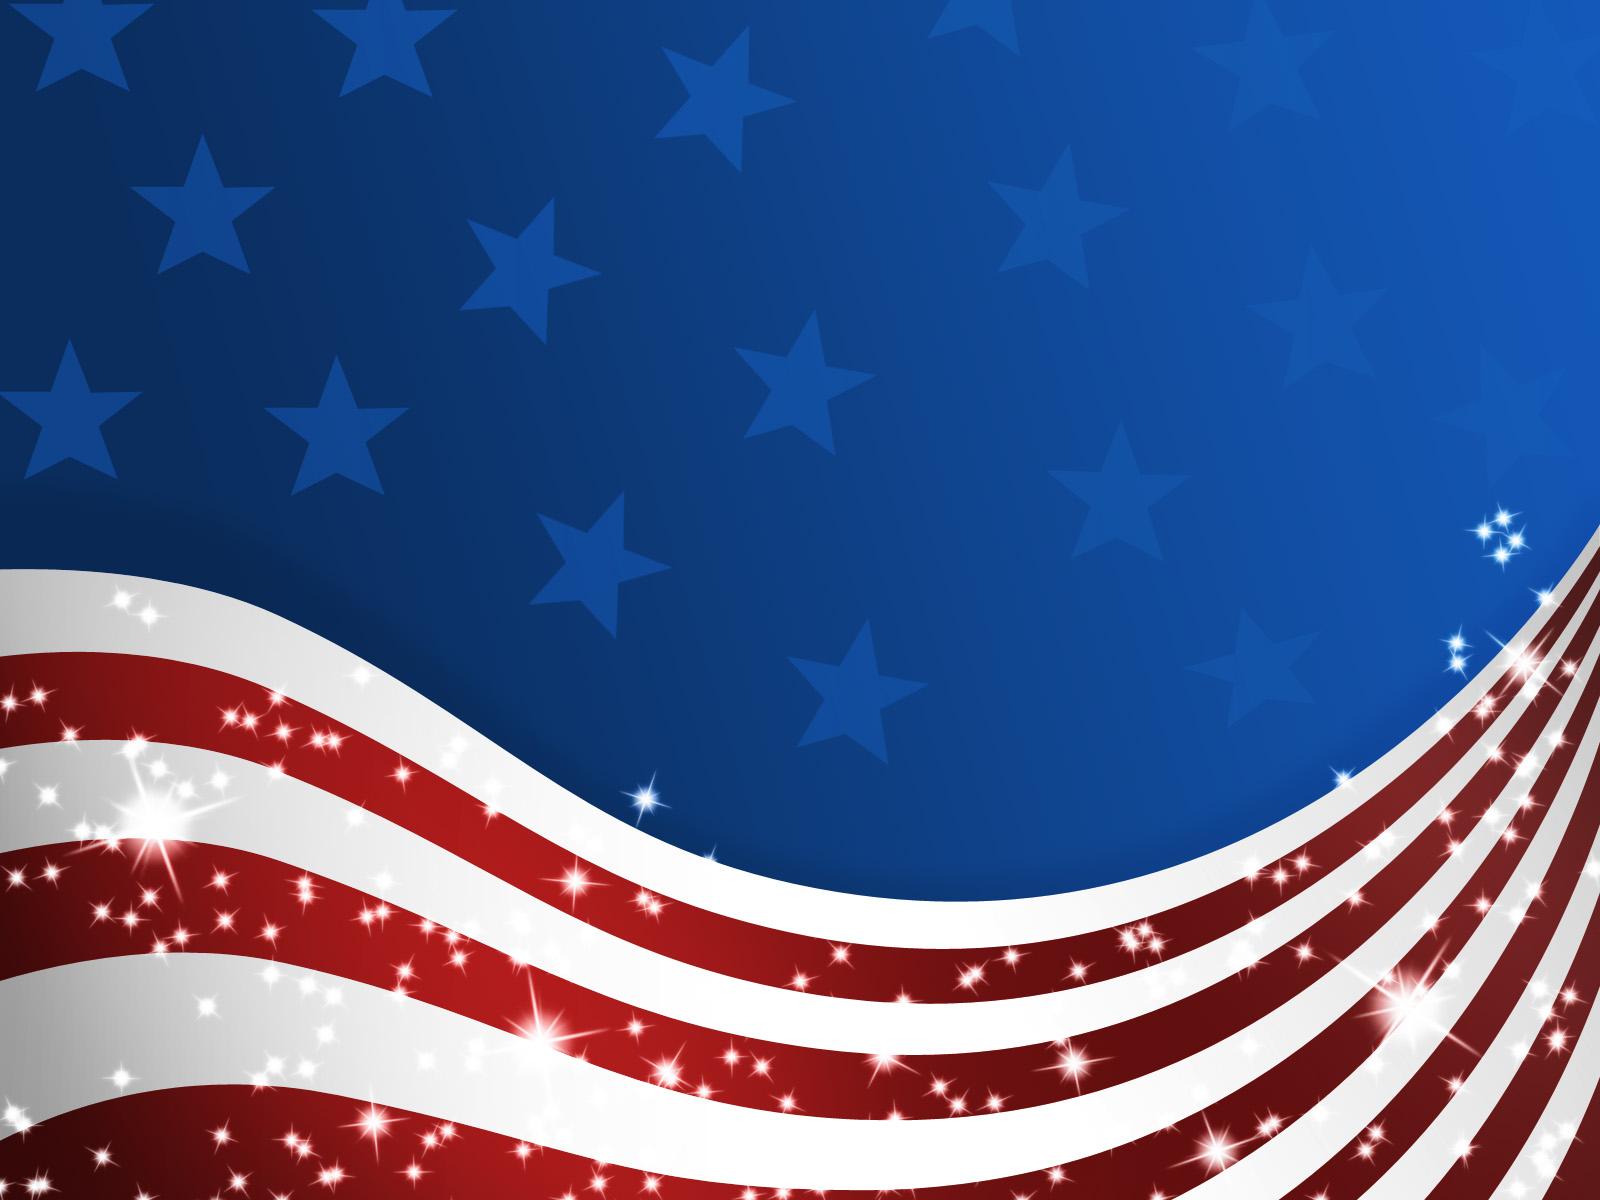 Patriotic Background Images   Clipartsco 1600x1200